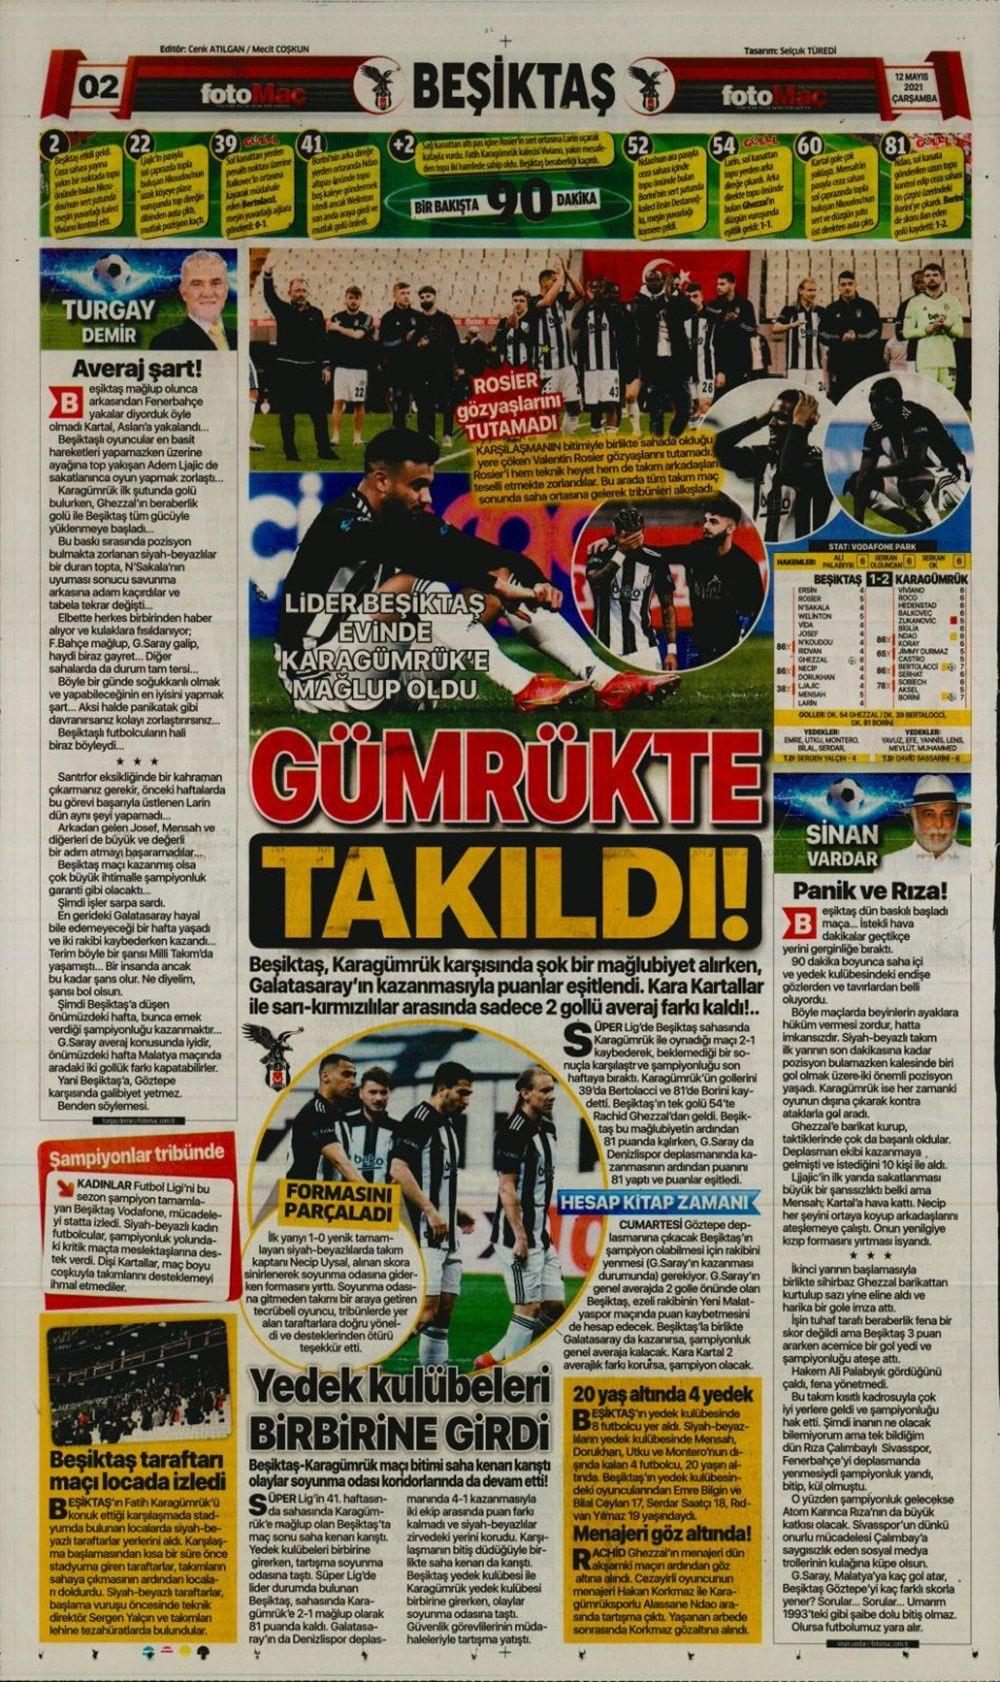 Nefes kesen şampiyonluk yarışı spor manşetlerine nasıl yansıdı? - Sayfa 4